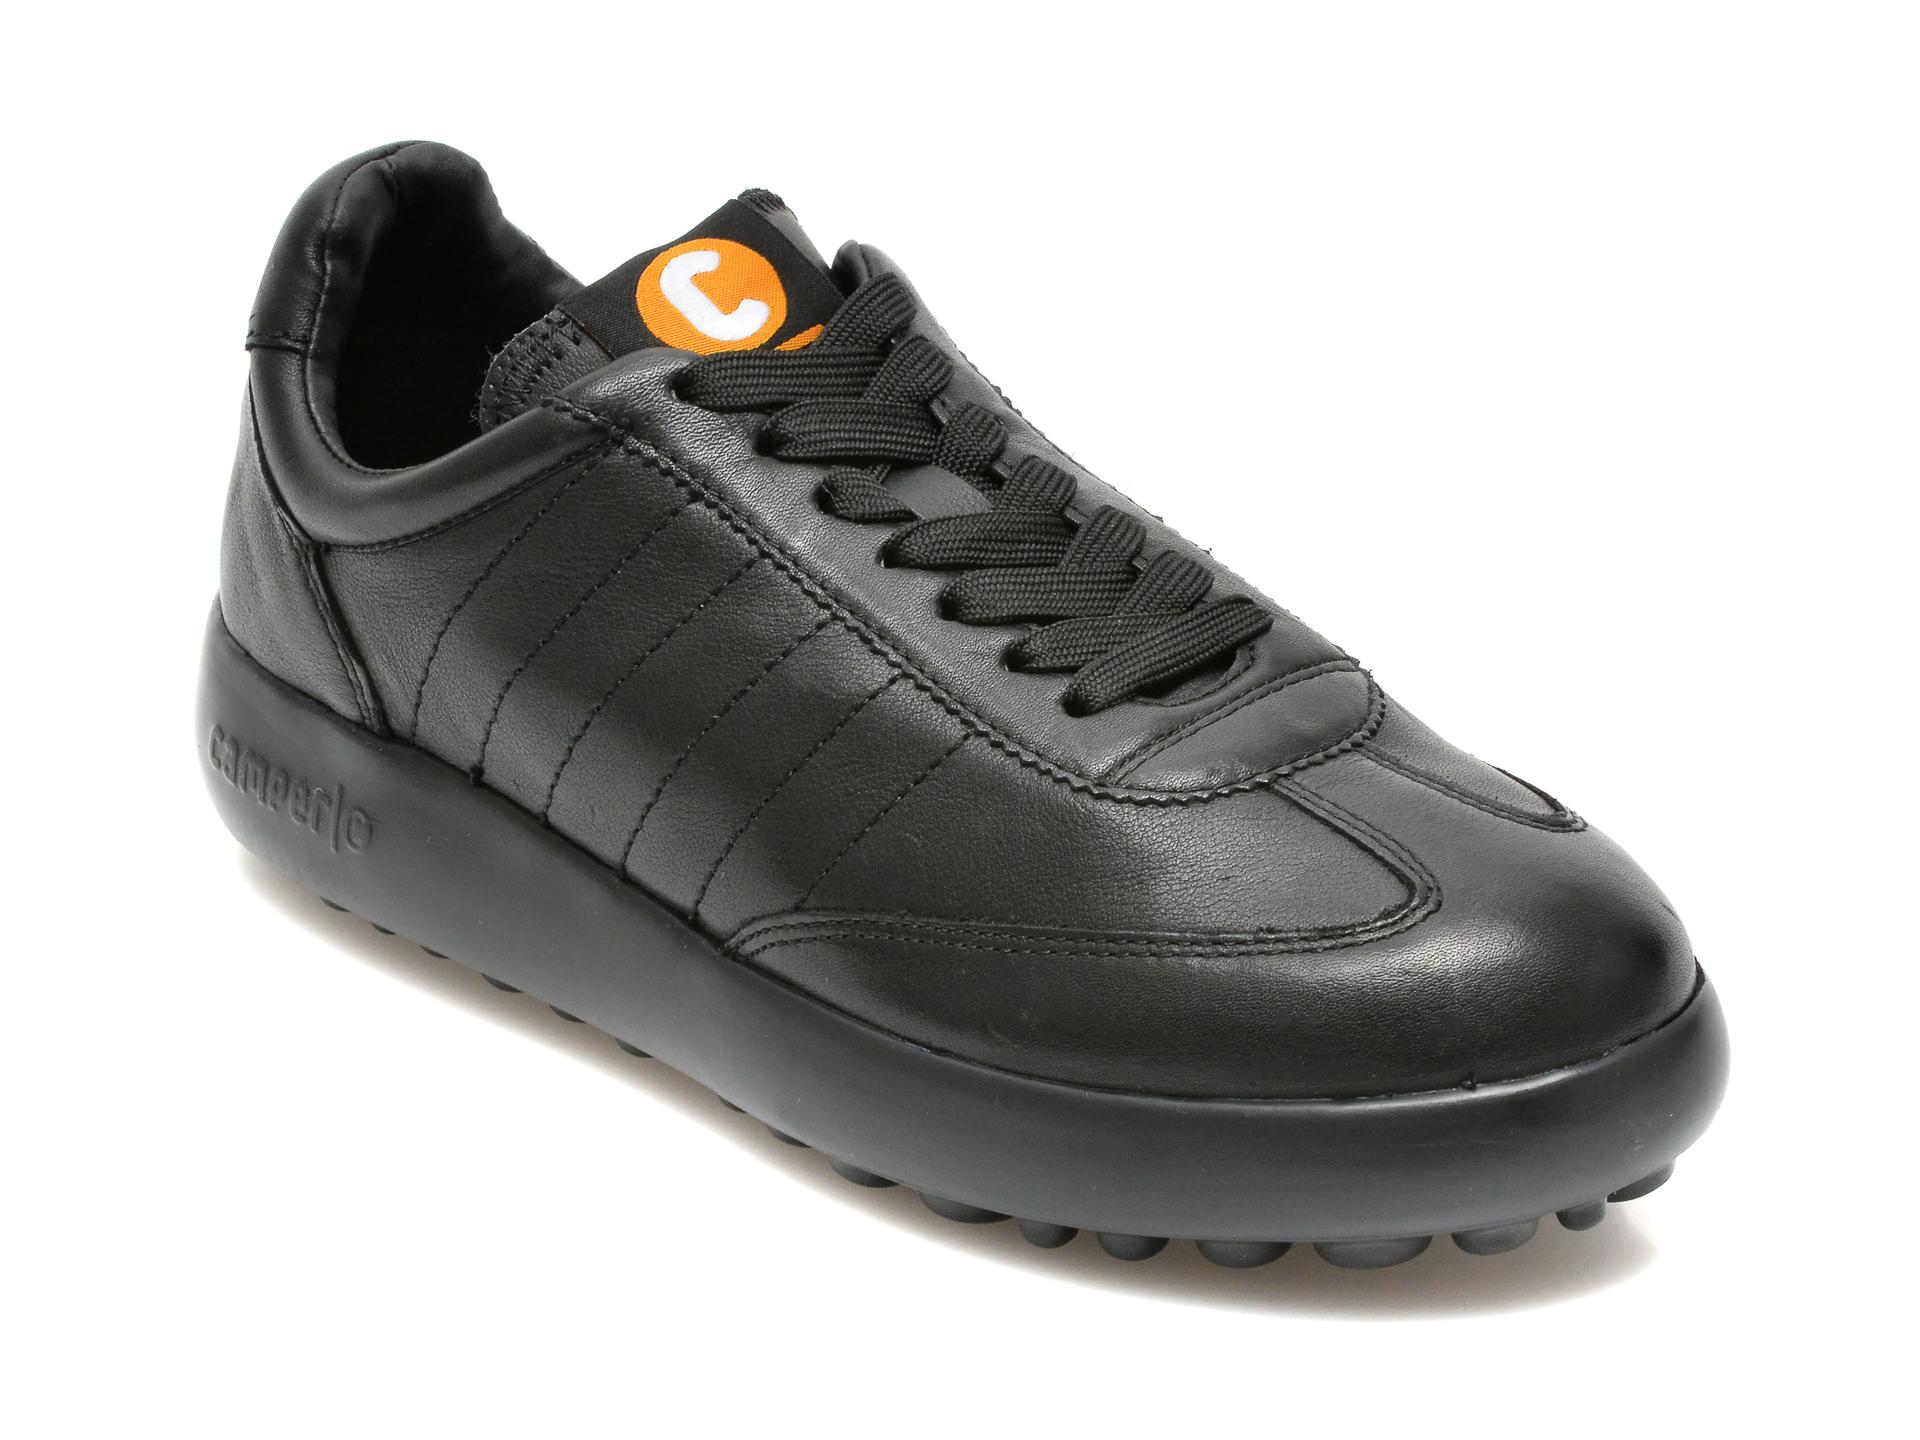 Pantofi CAMPER negri, K201060, din piele naturala